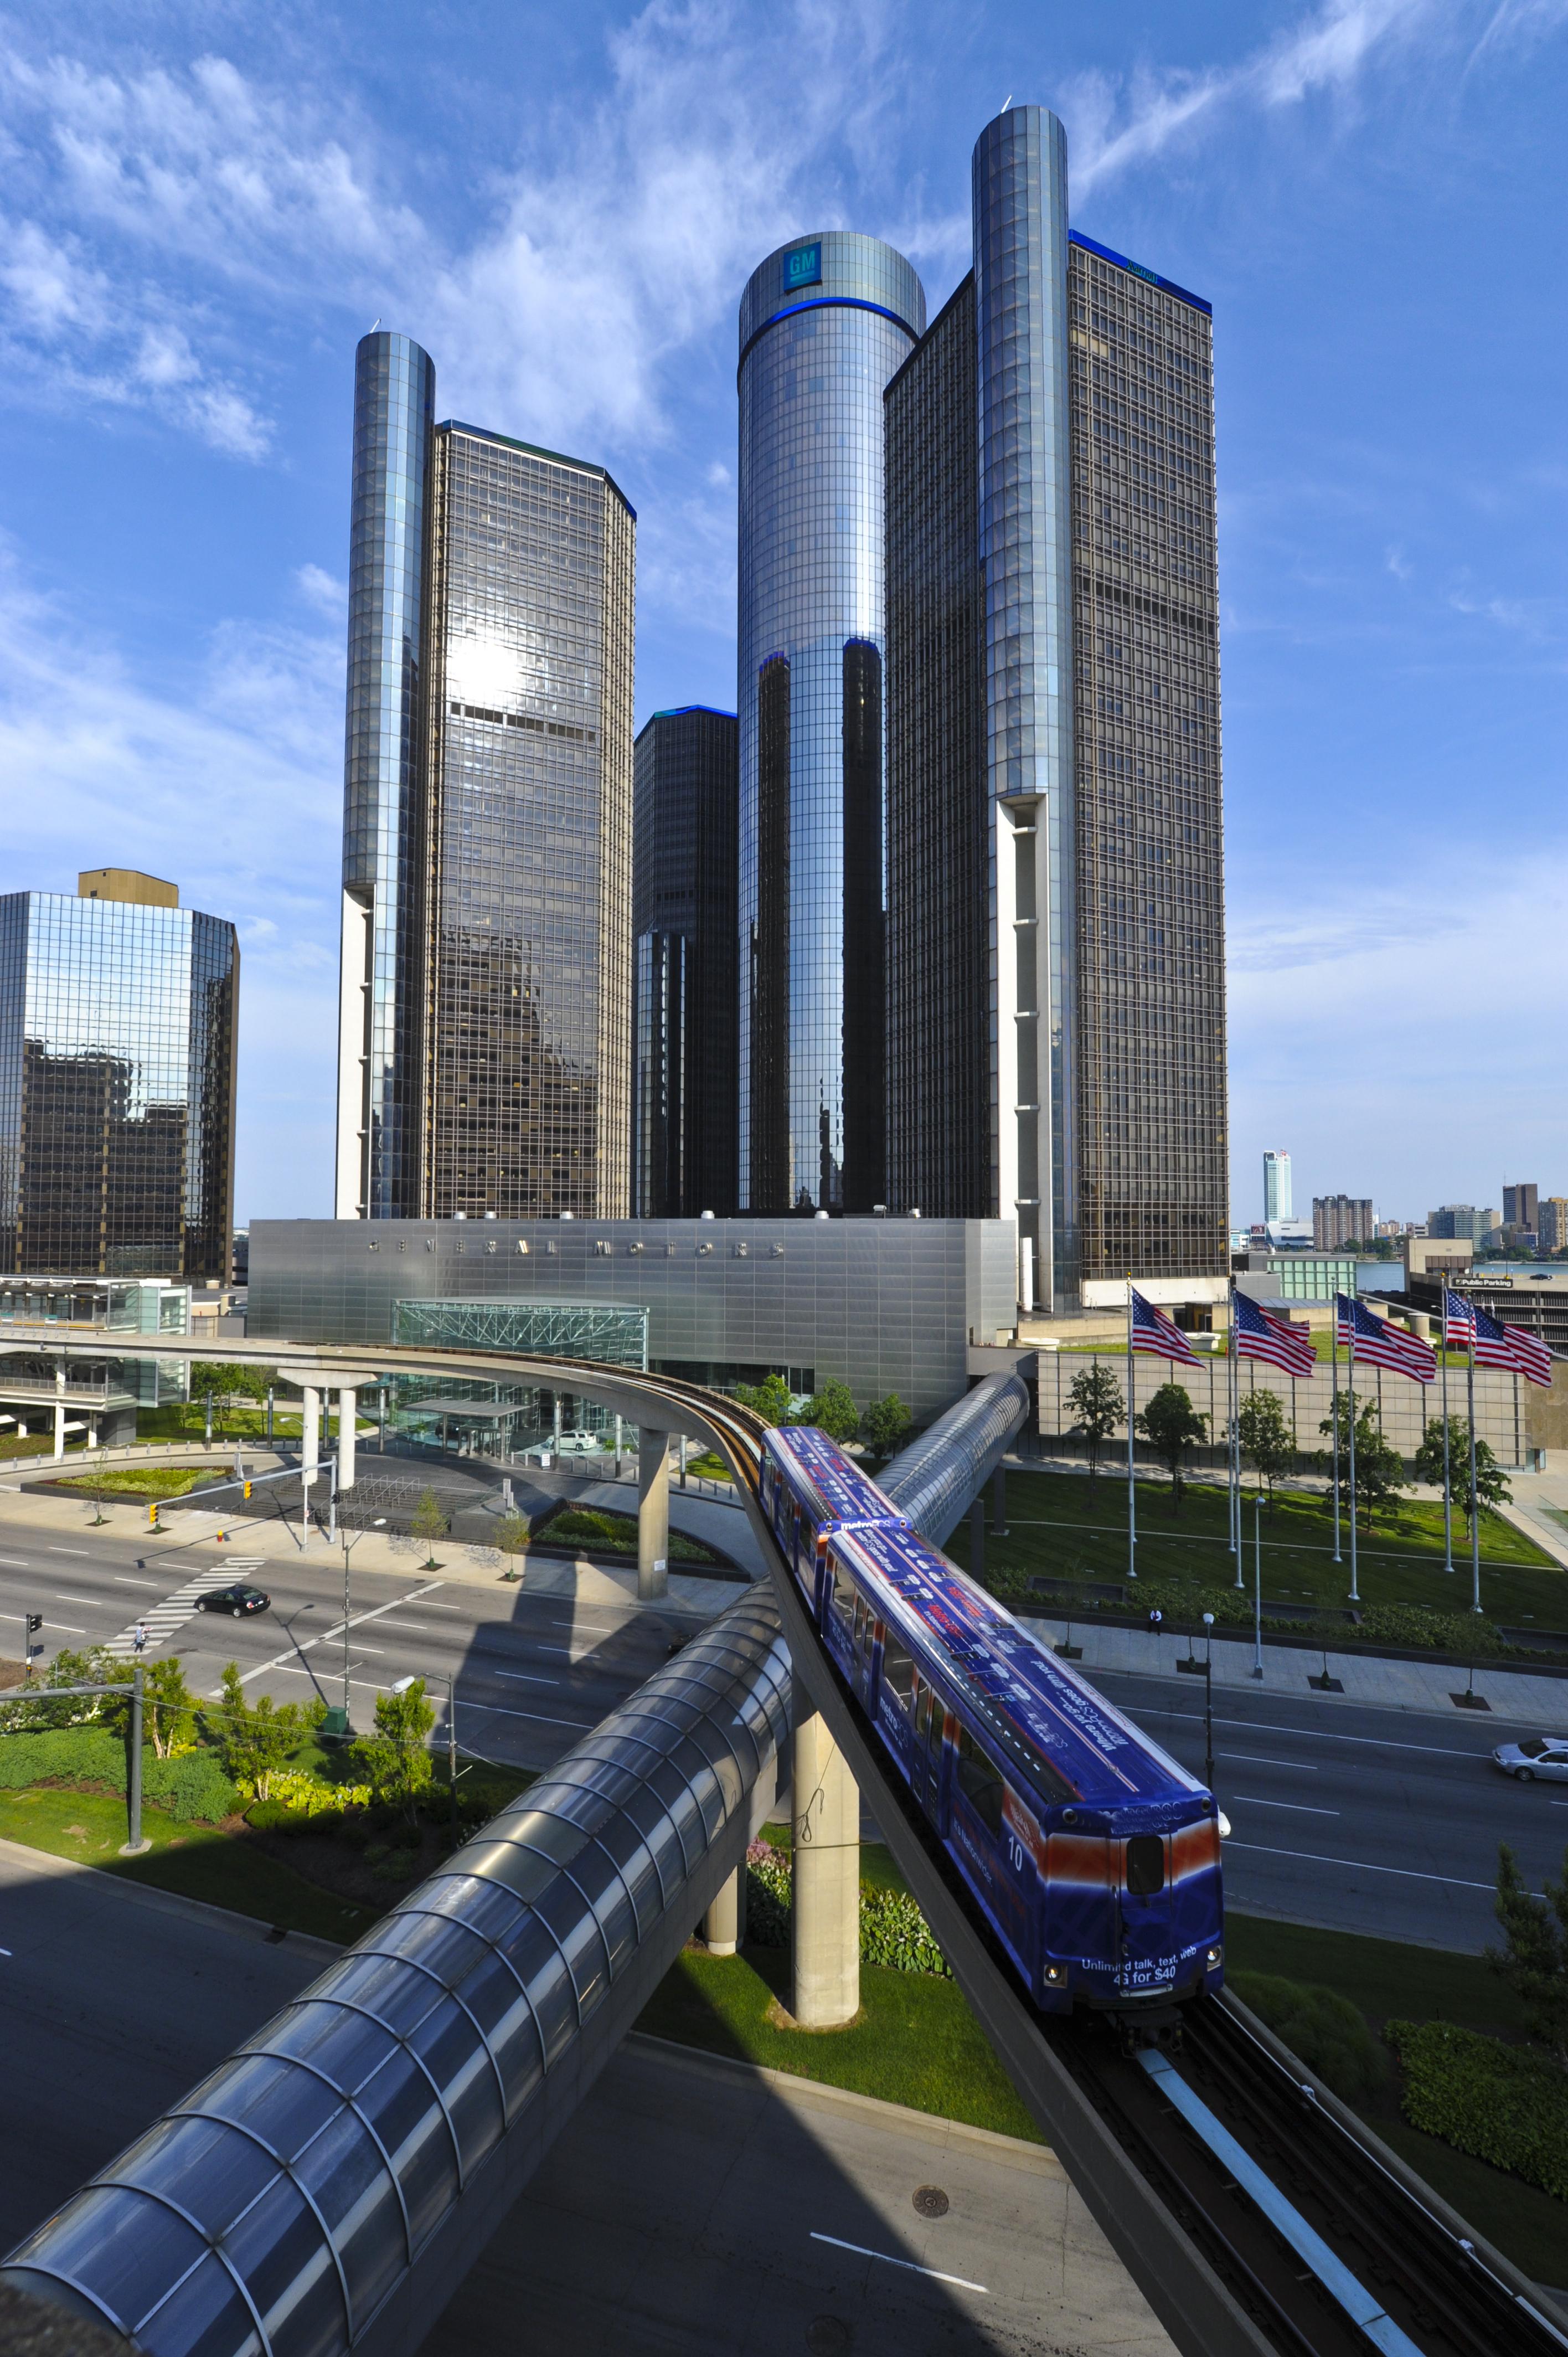 Renaissance Center Gm Tower Detroit Architecture For